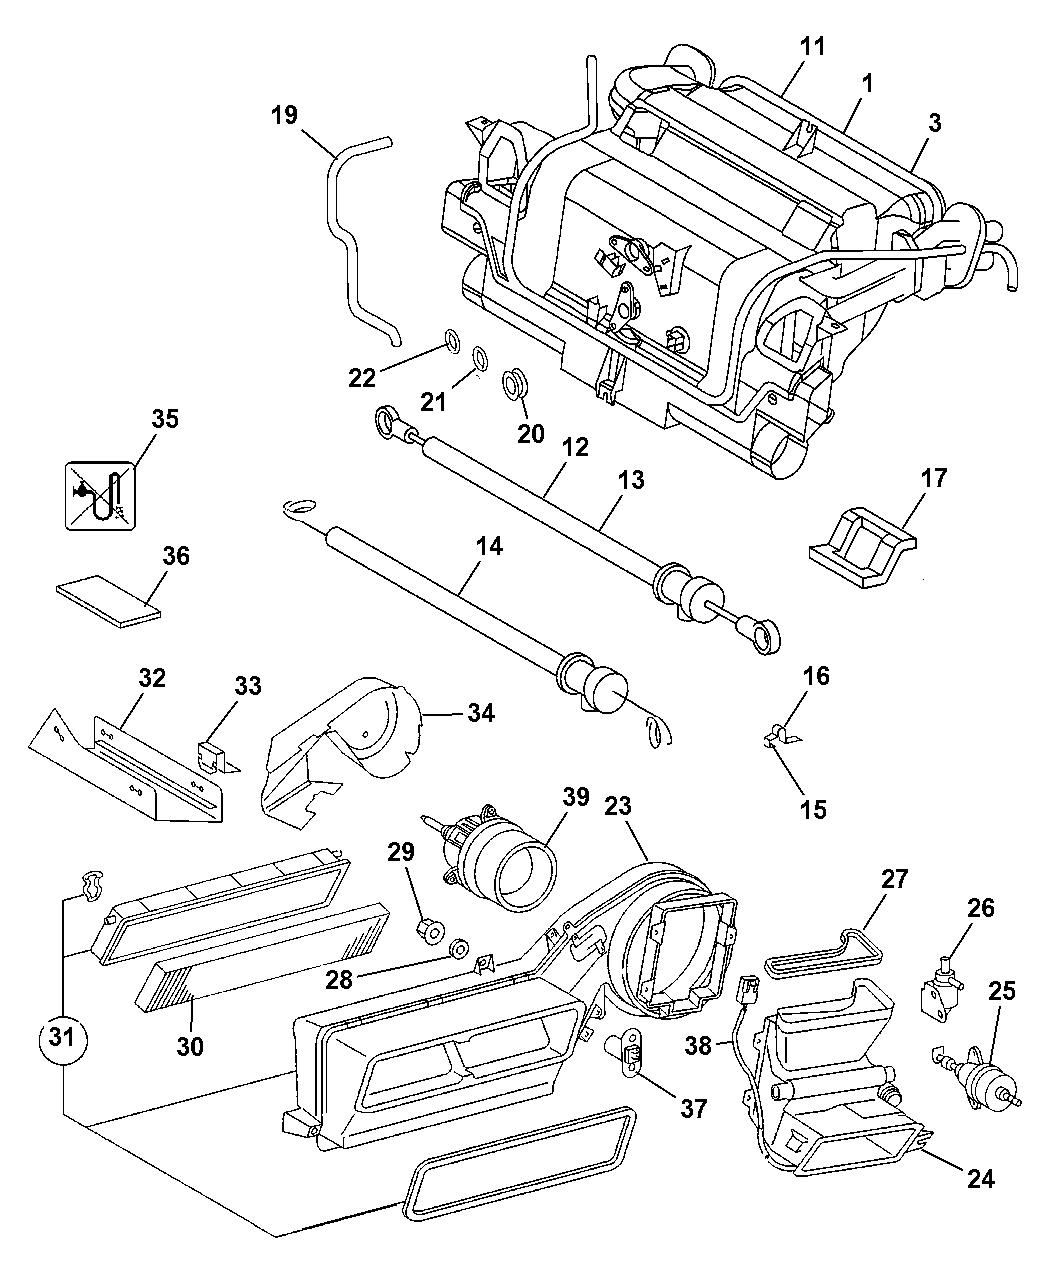 2005 Dodge Sprinter 2500 HEVAC Unit - Mopar Parts Giant